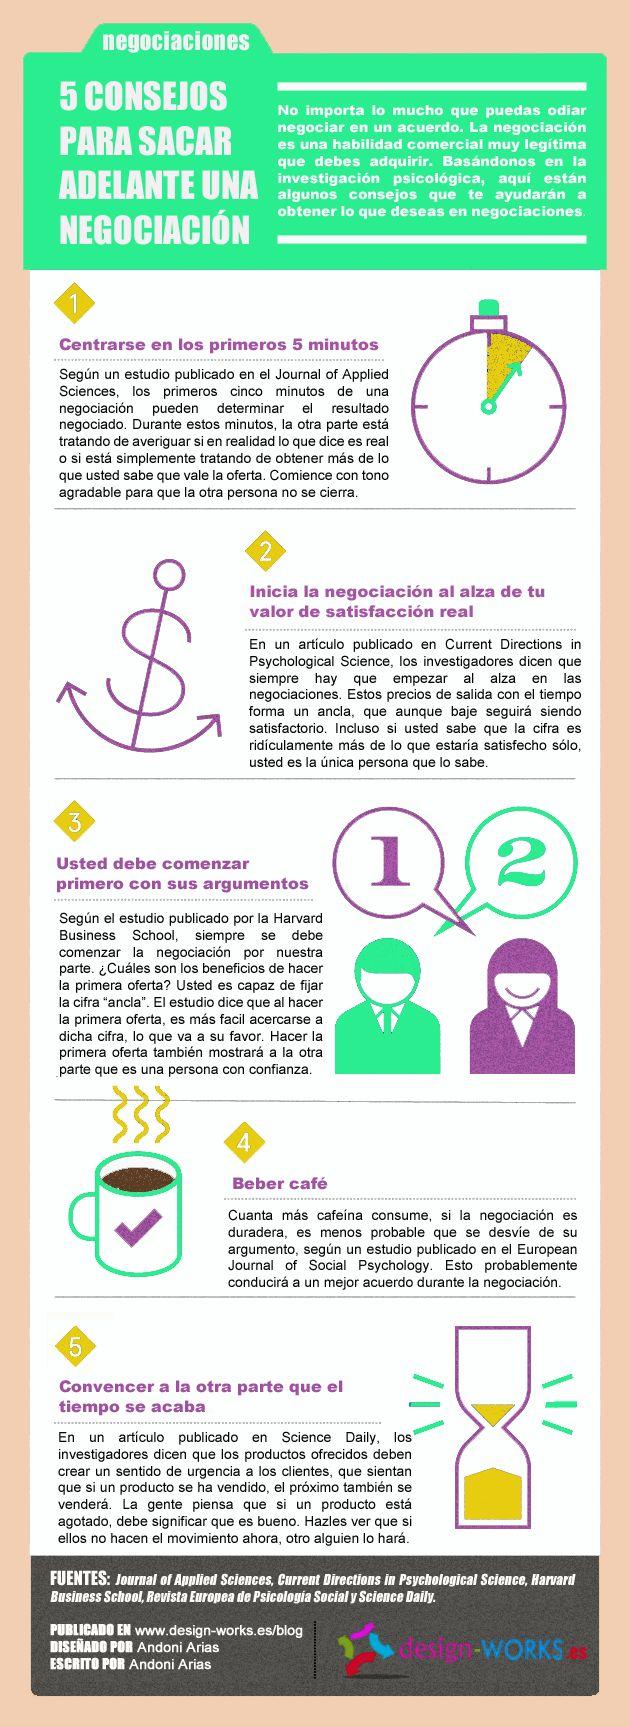 5 consejos para sacar adelante una negociación